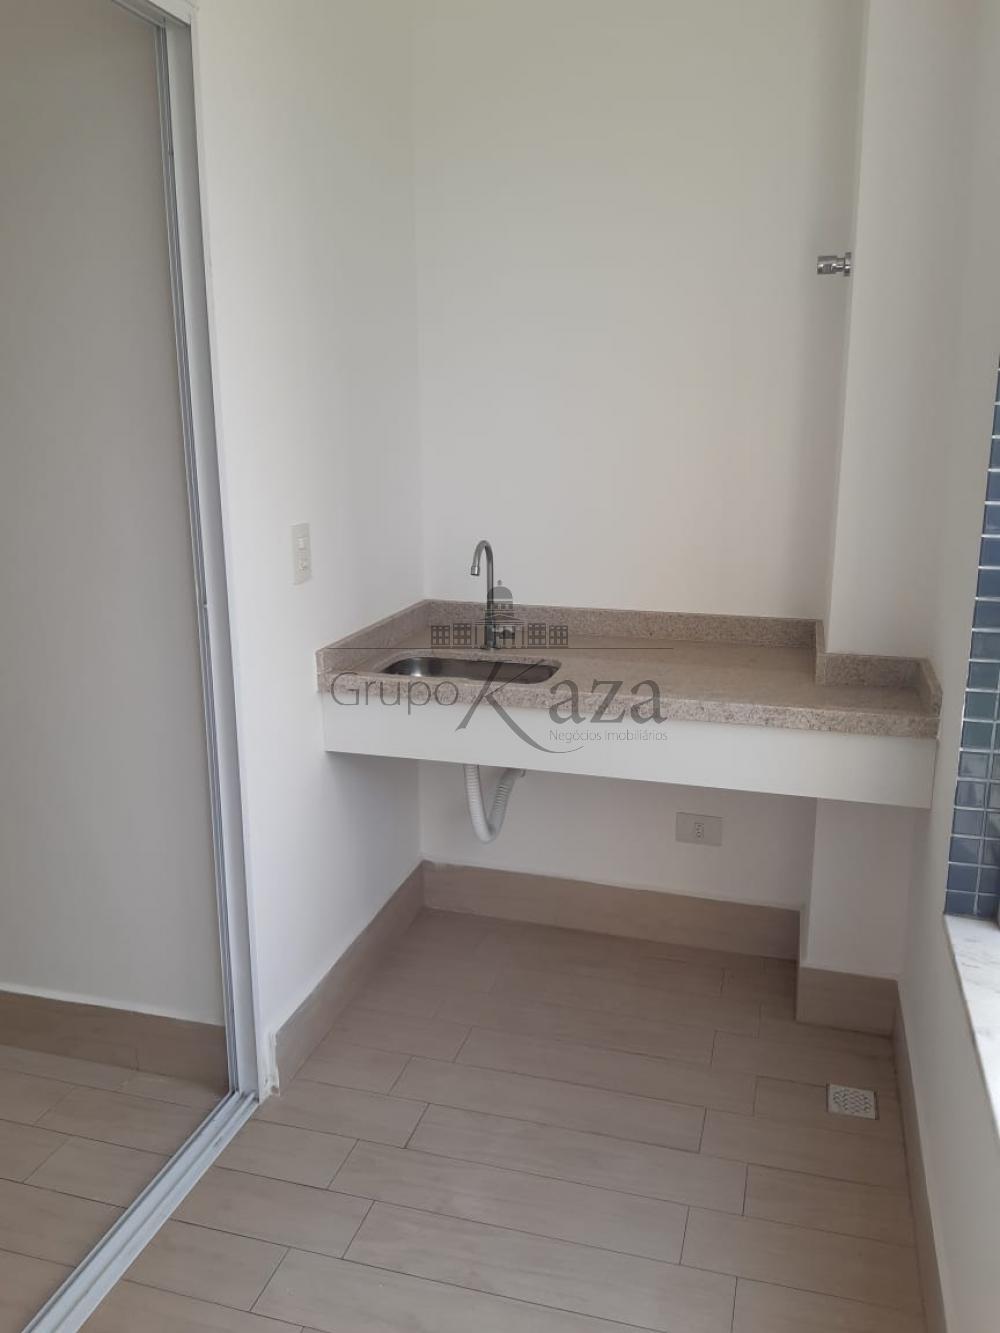 alt='Alugar Apartamento / Padrão em São José dos Campos R$ 2.400,00 - Foto 7' title='Alugar Apartamento / Padrão em São José dos Campos R$ 2.400,00 - Foto 7'